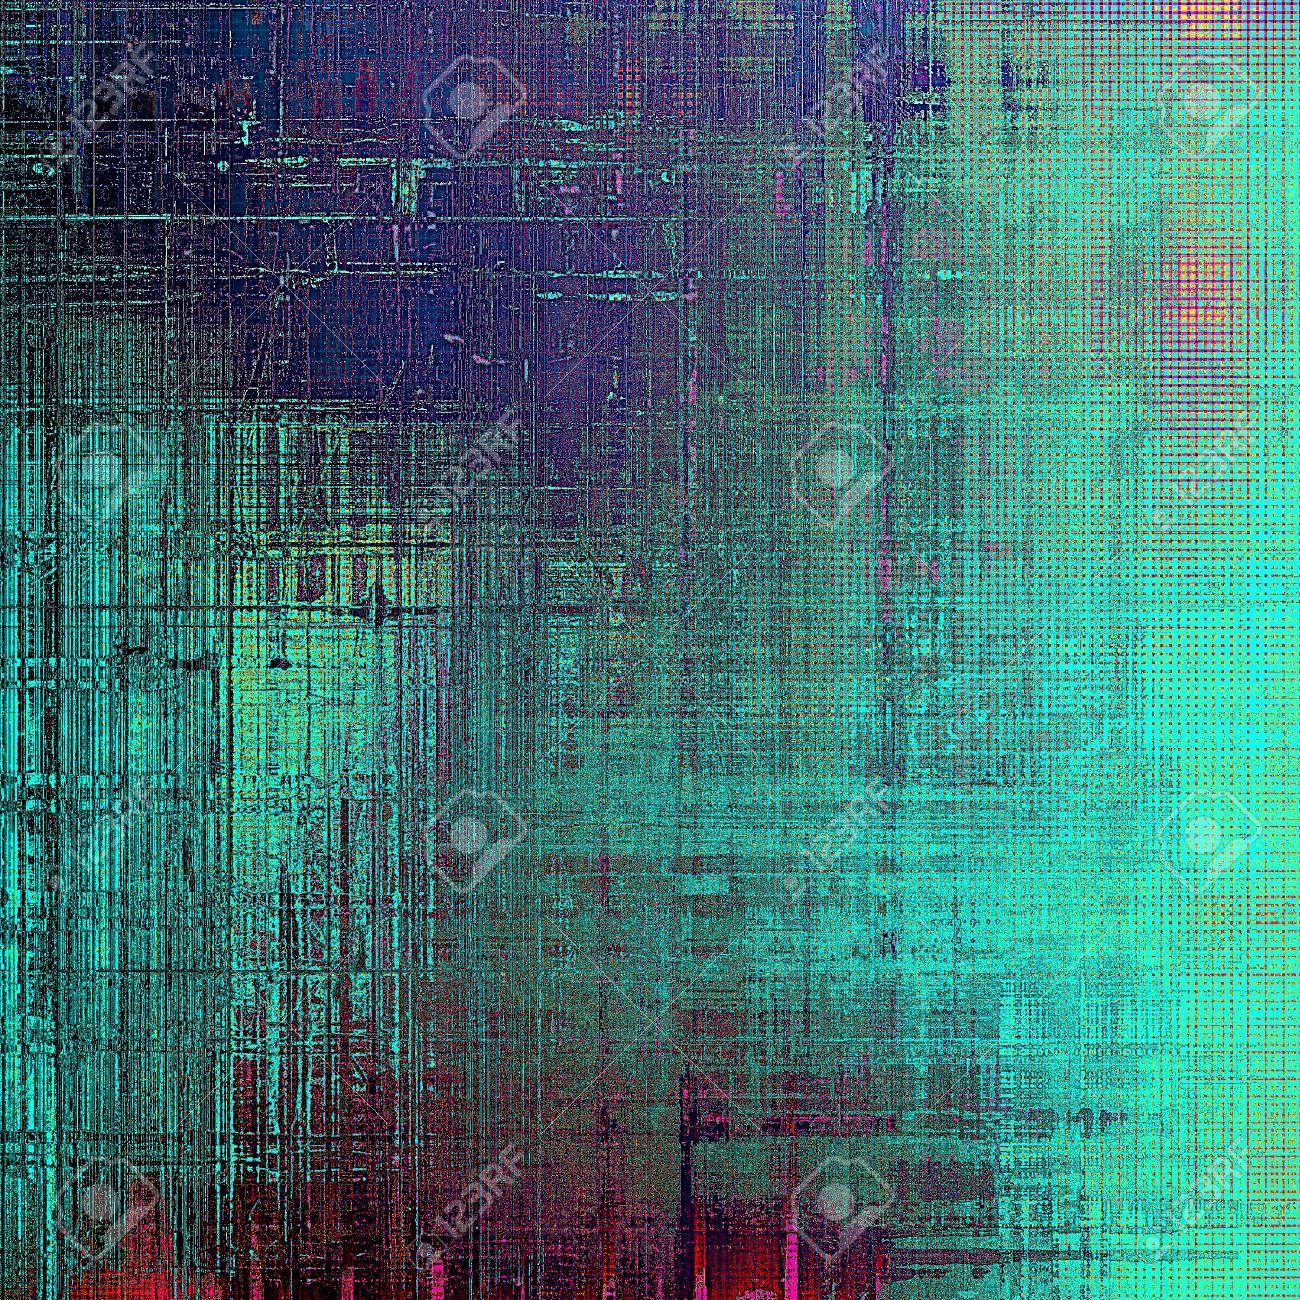 Digital Entworfene Hintergrund Oder Textur Für Retro-Stil Rahmen ...